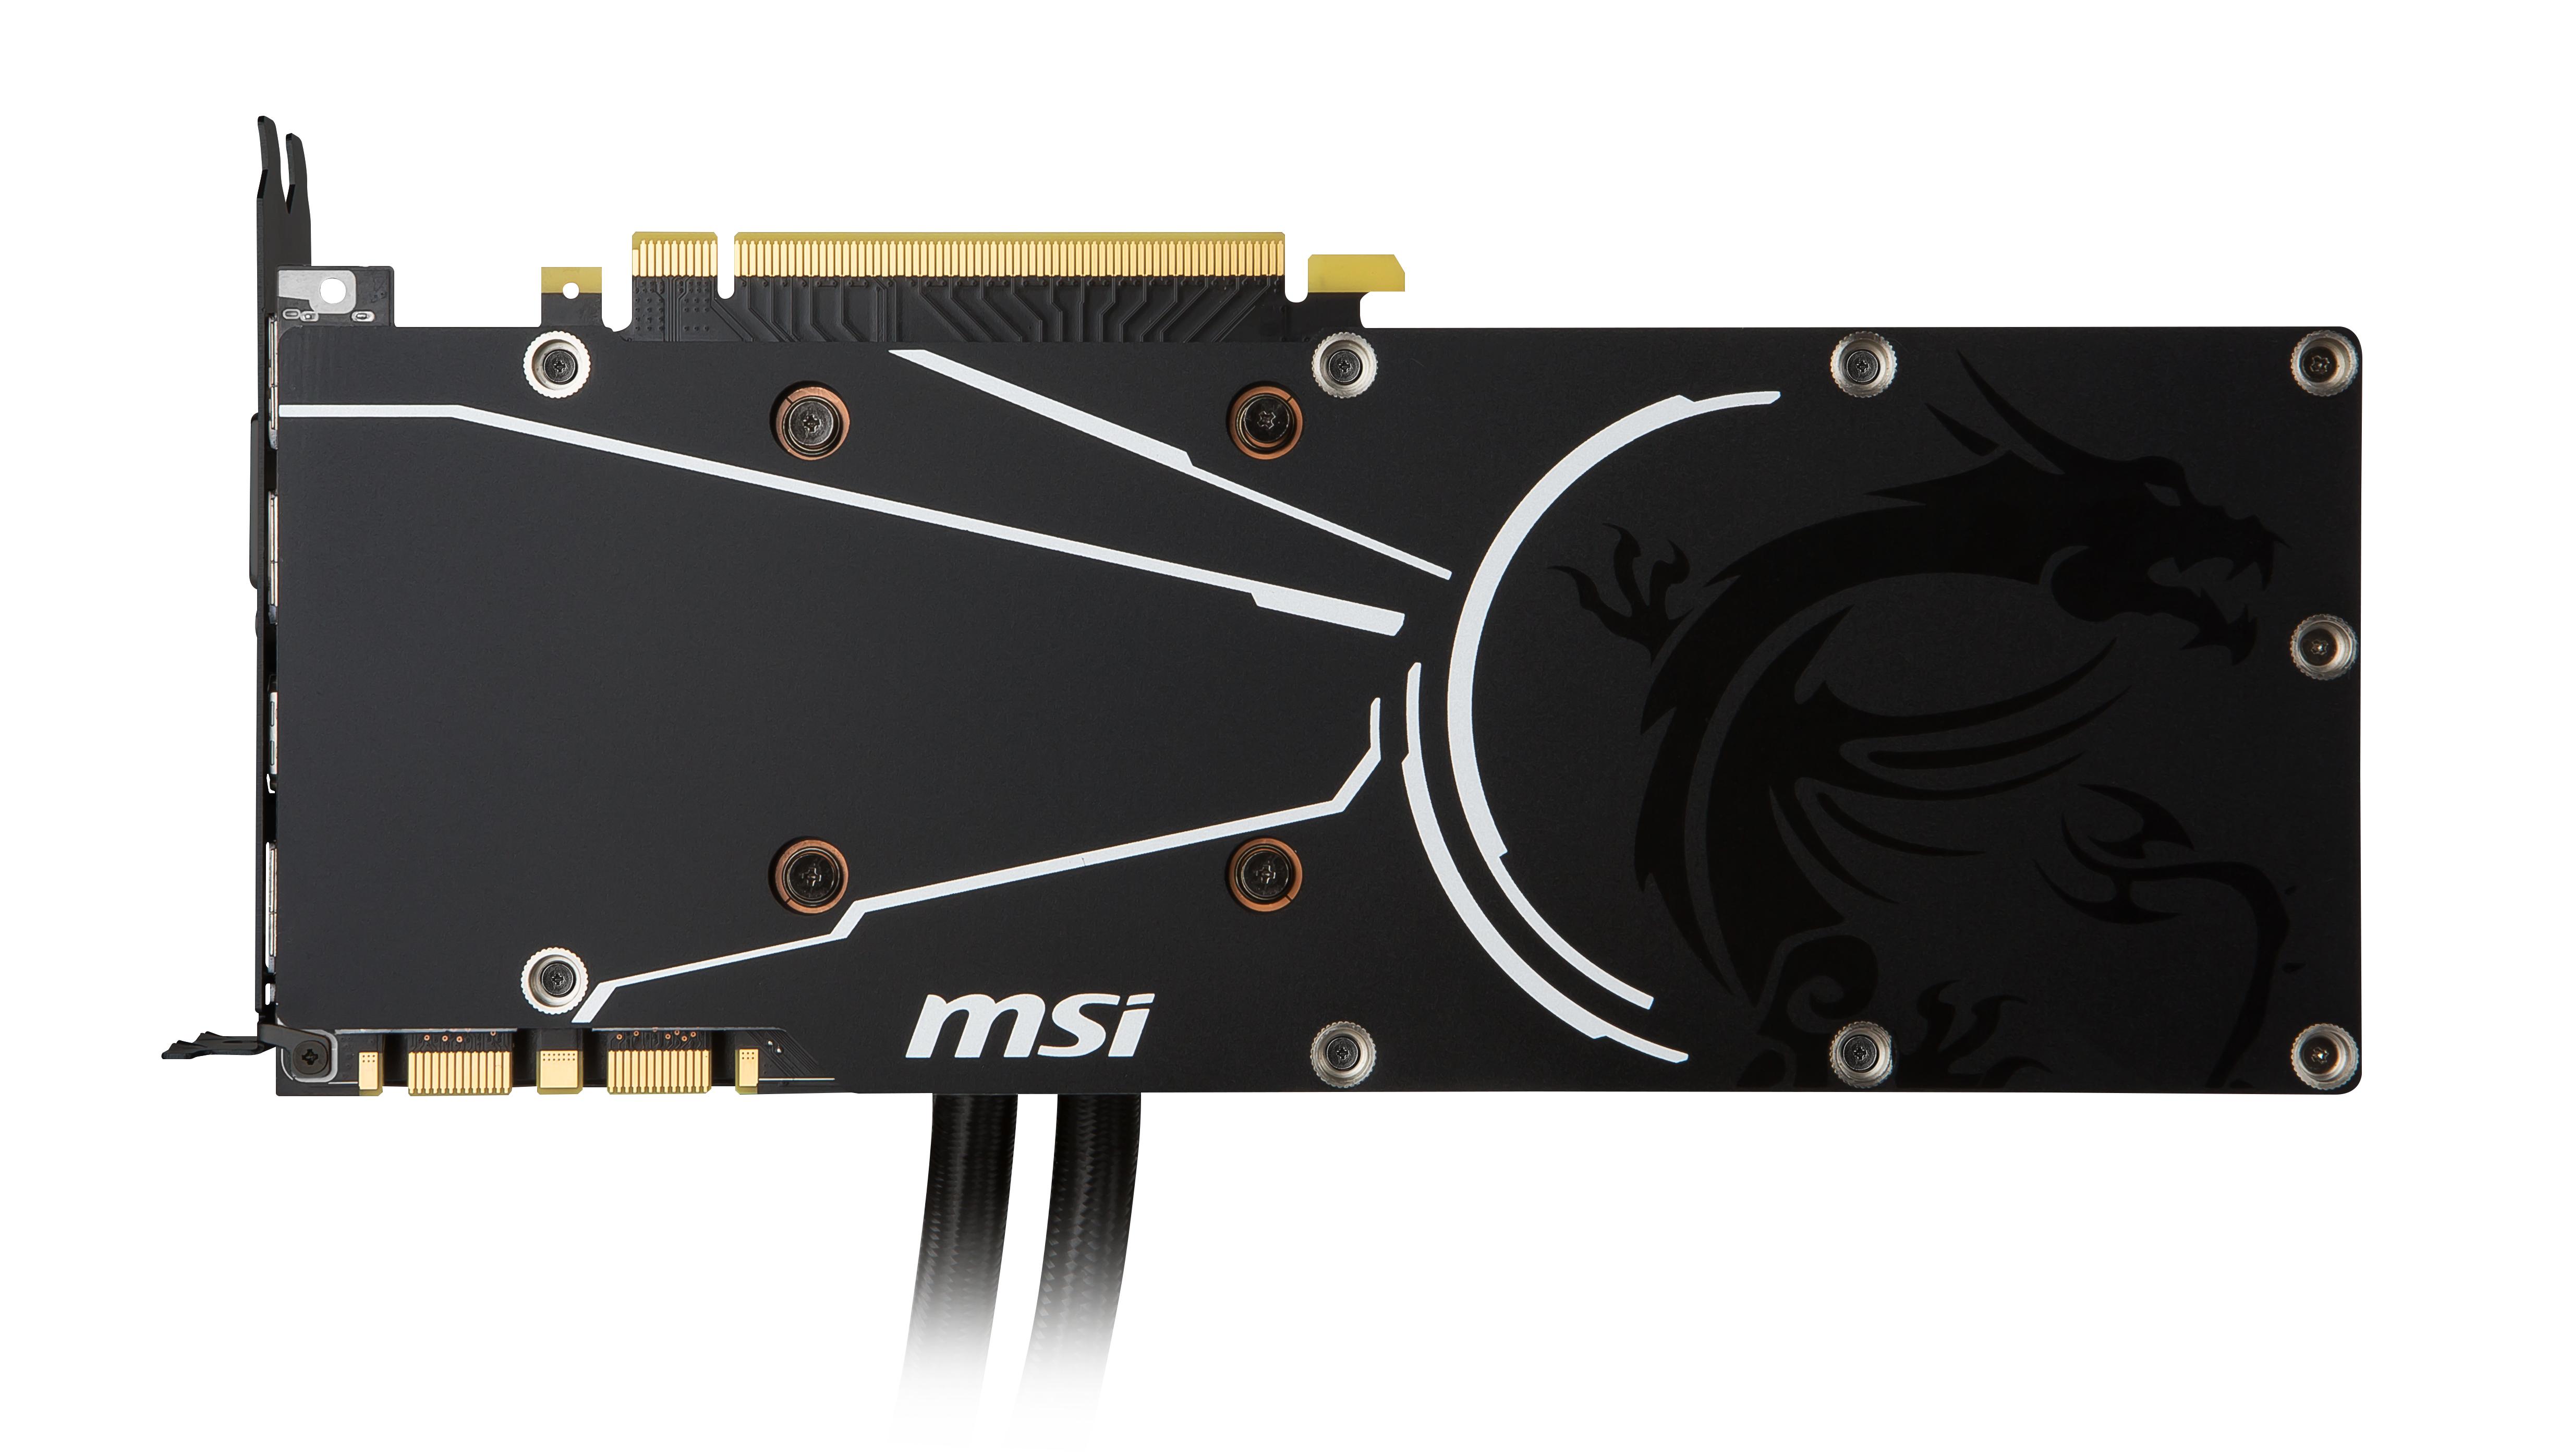 MSICV028274